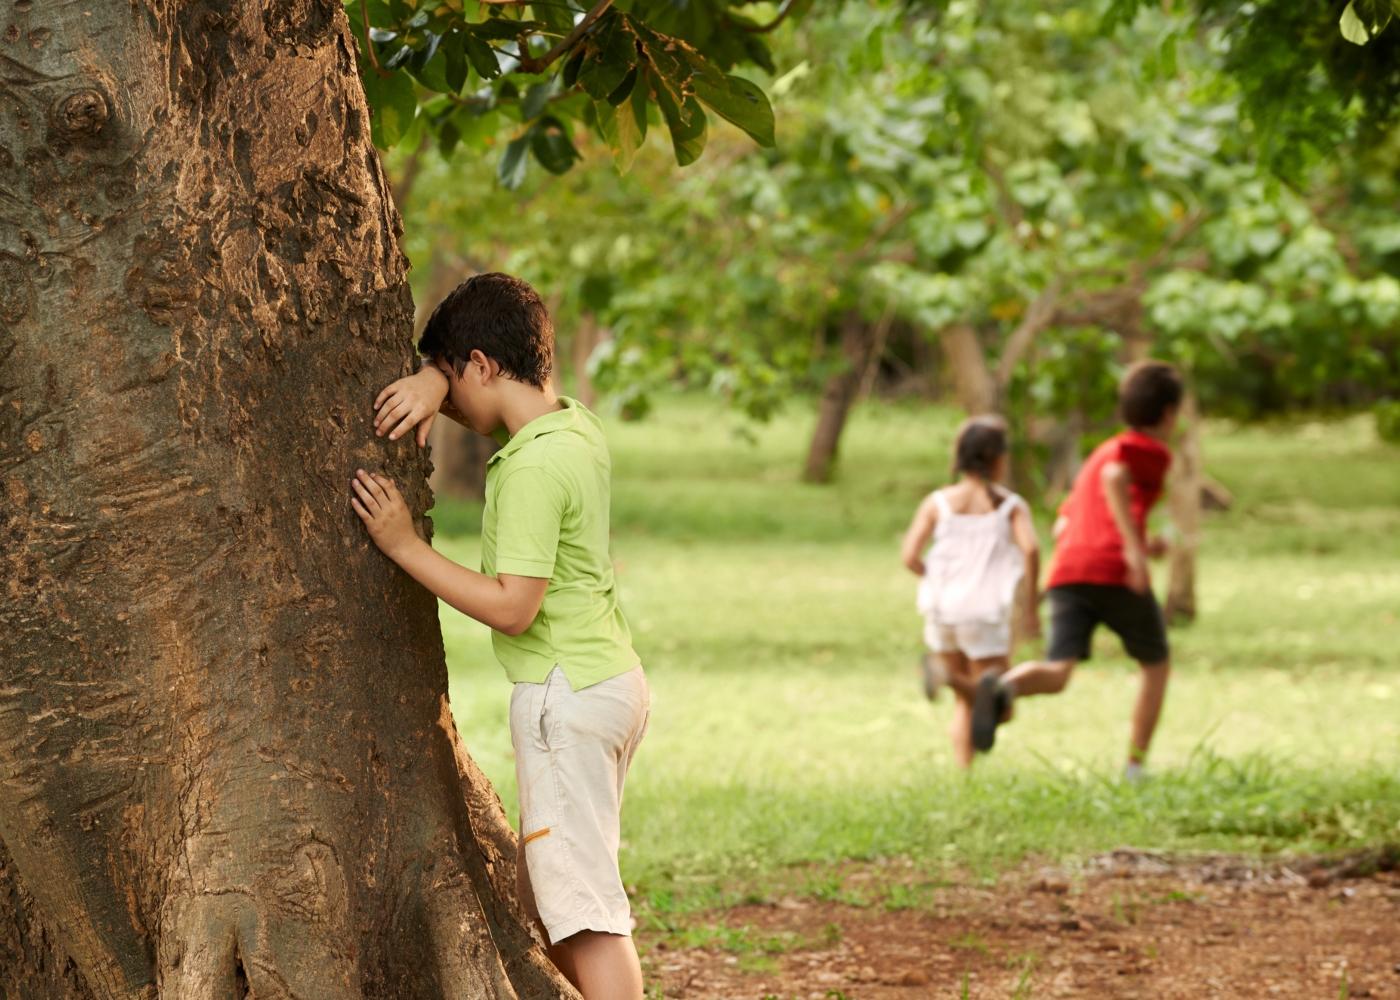 Crianças a jogar às escondidas no parque